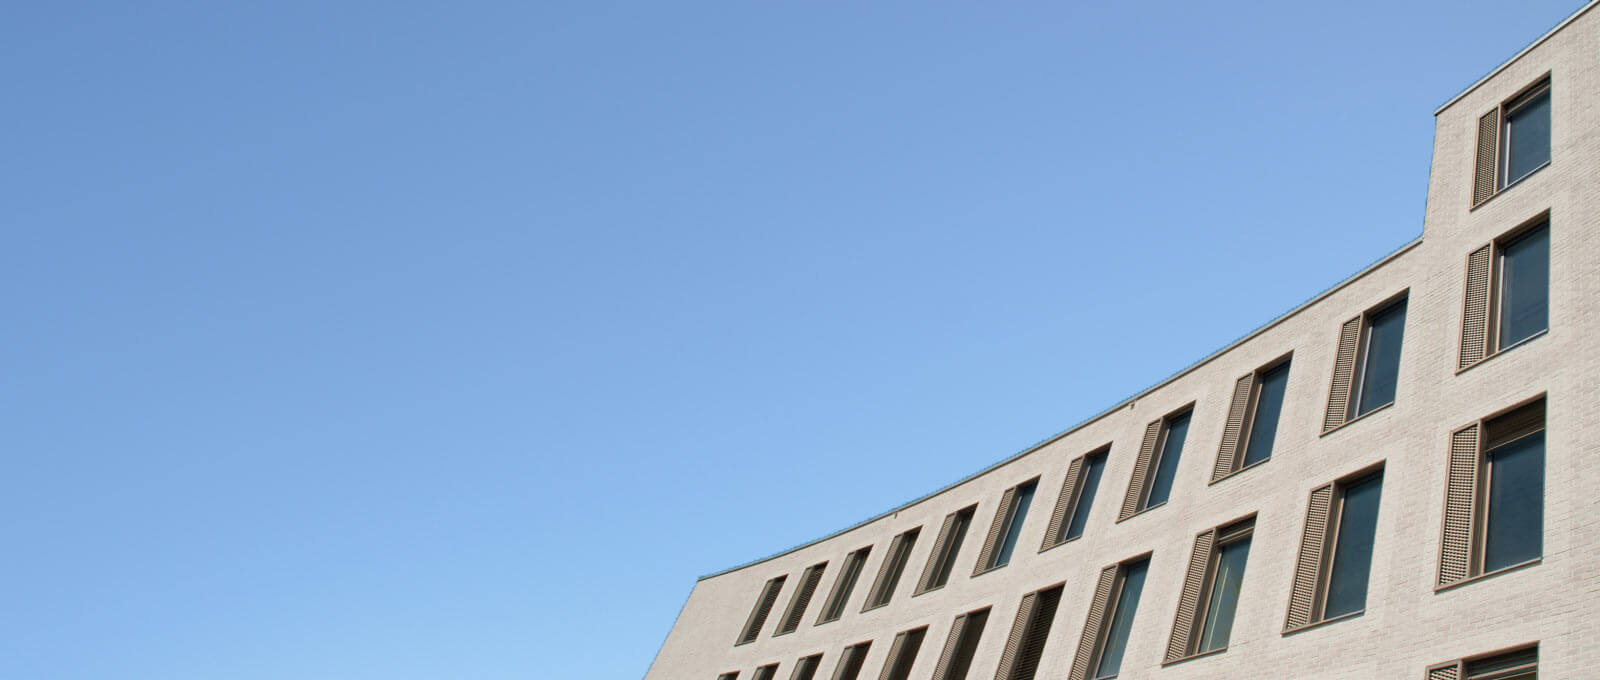 Pasinger Hofgaerten Building